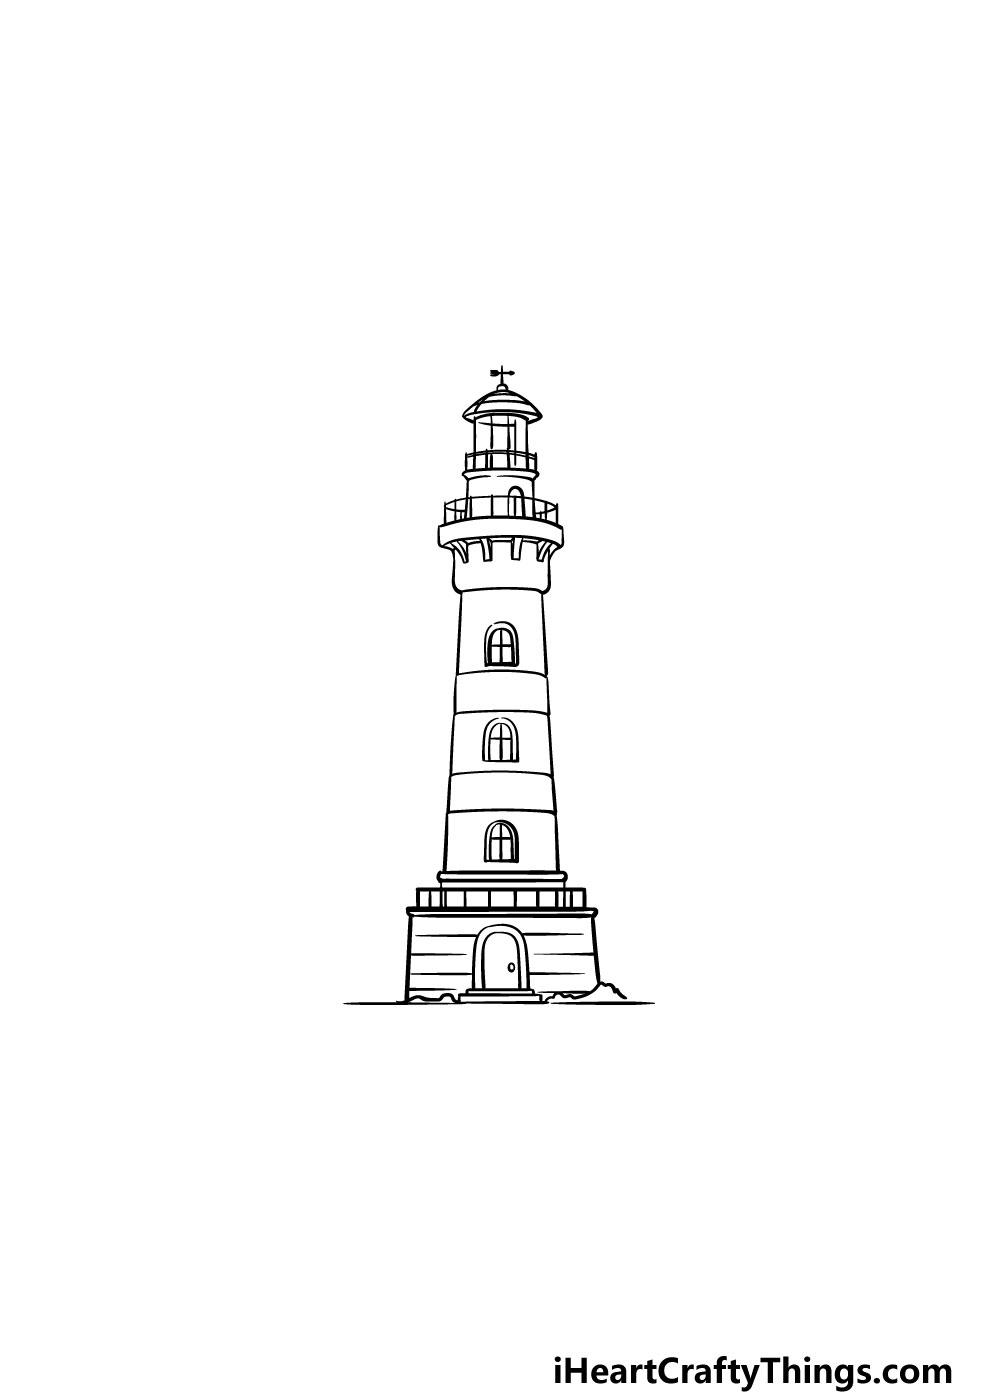 vẽ ngọn hải đăng bước 5